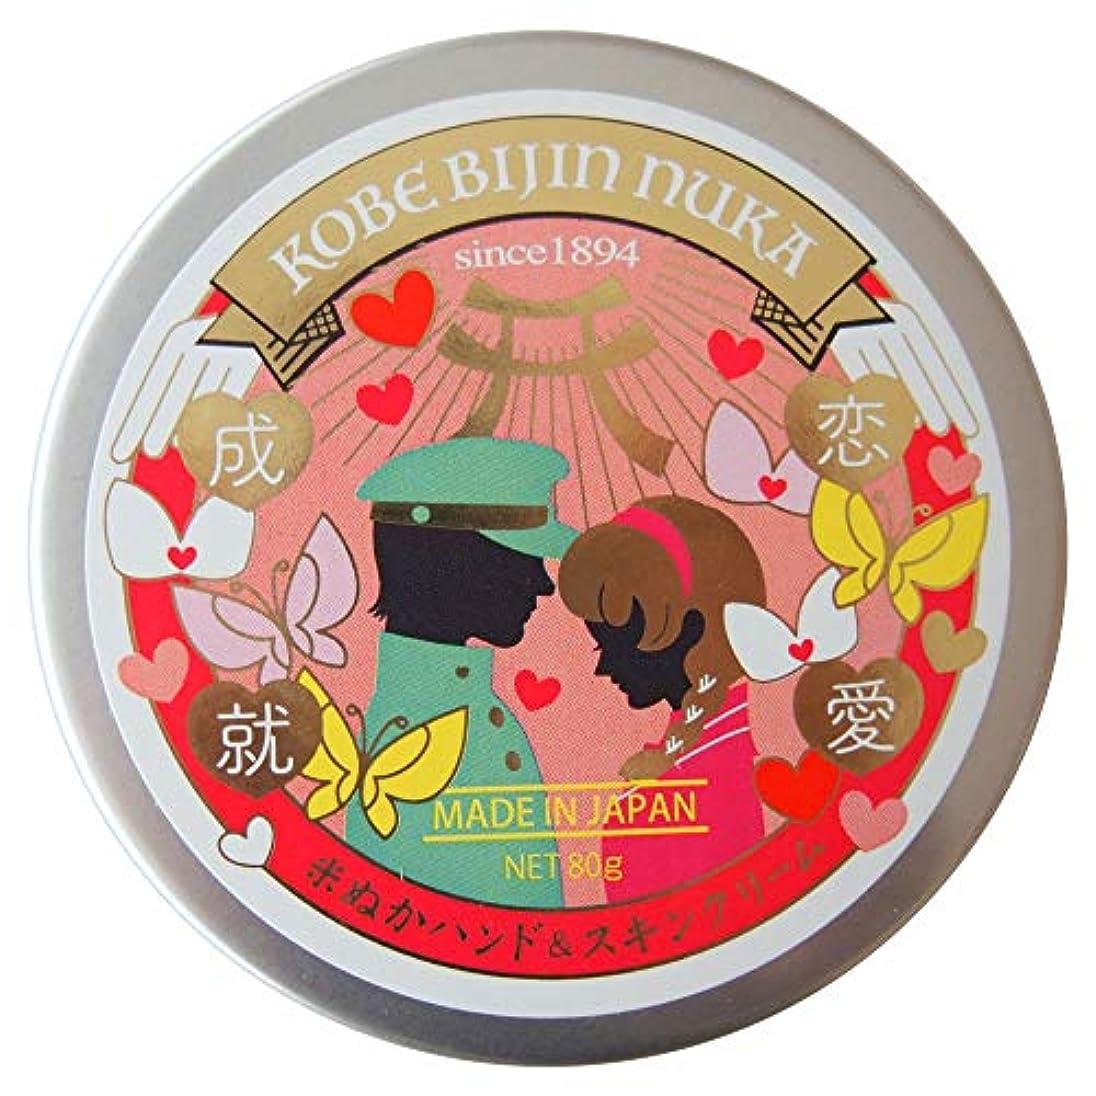 薬剤師ベルトヶ月目神戸美人ぬか 米ぬかハンド&スキンクリーム(恋愛成就)【キュートフローラルの香り】 80g